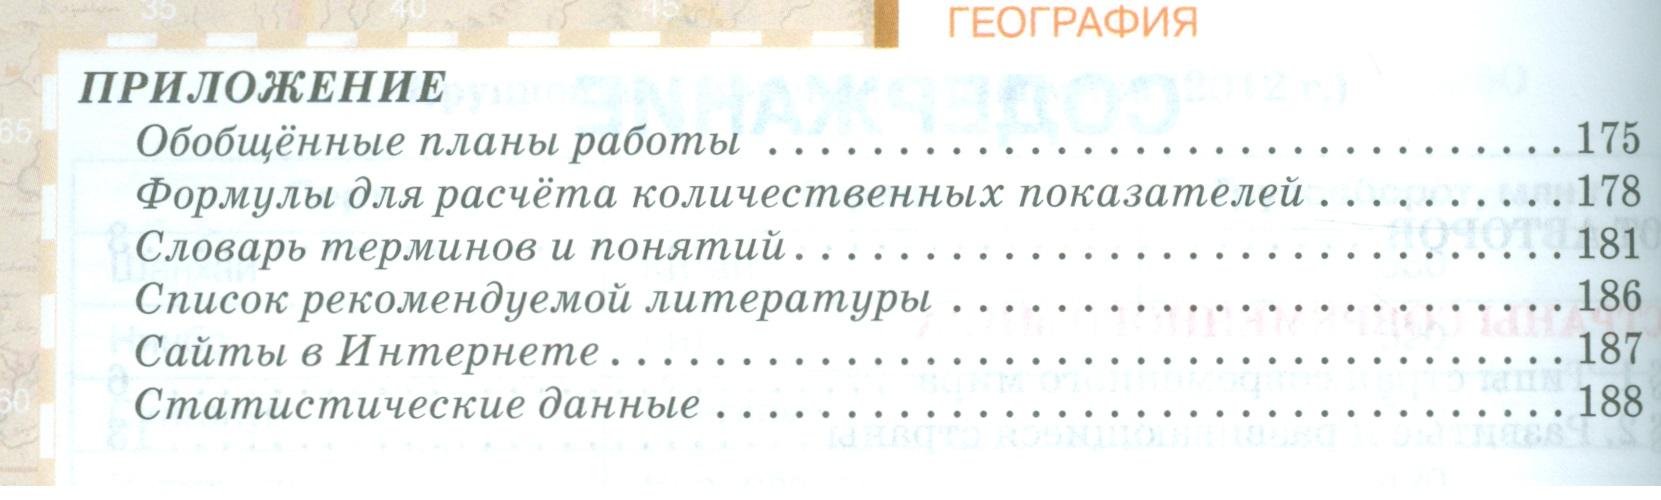 гдз география 10 класс домогацких рабочая тетрадь